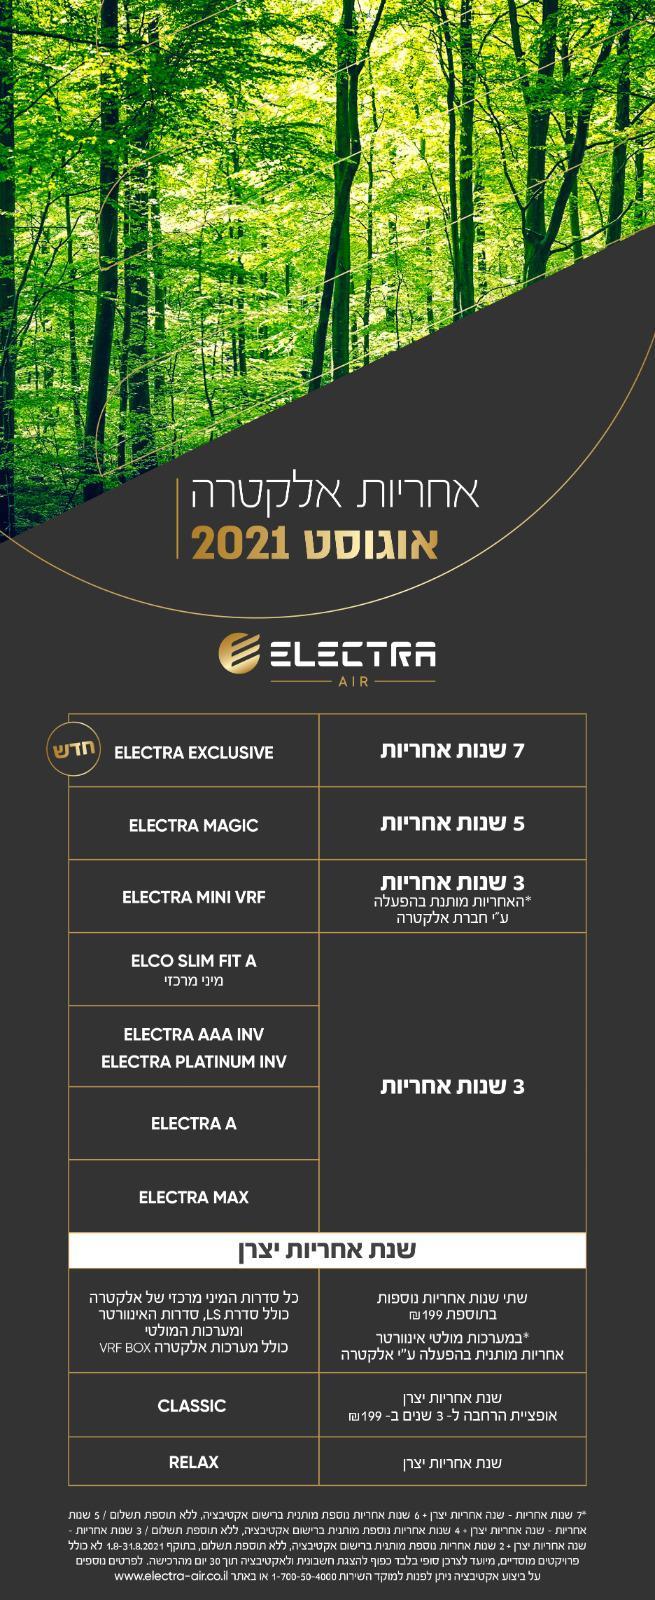 אחריות אלקטרה יולי 2021